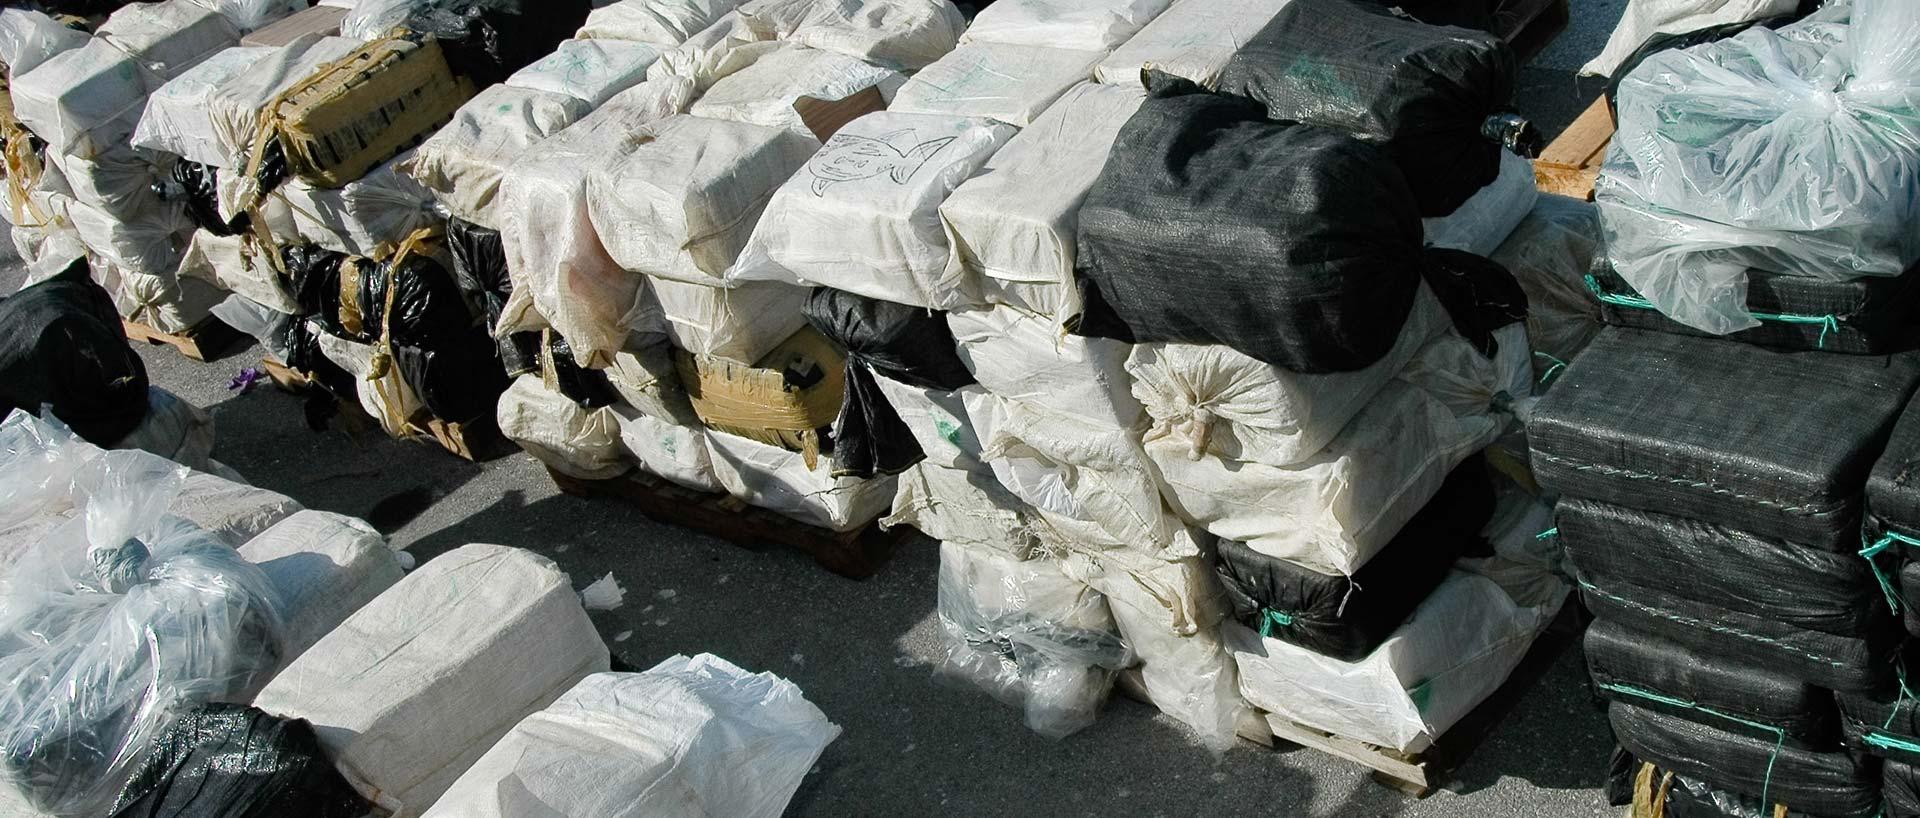 SRPSKI ESCOBAR: Šarić osuđen na 20 godina zbog krijumčarenja 5,7 tona kokaina